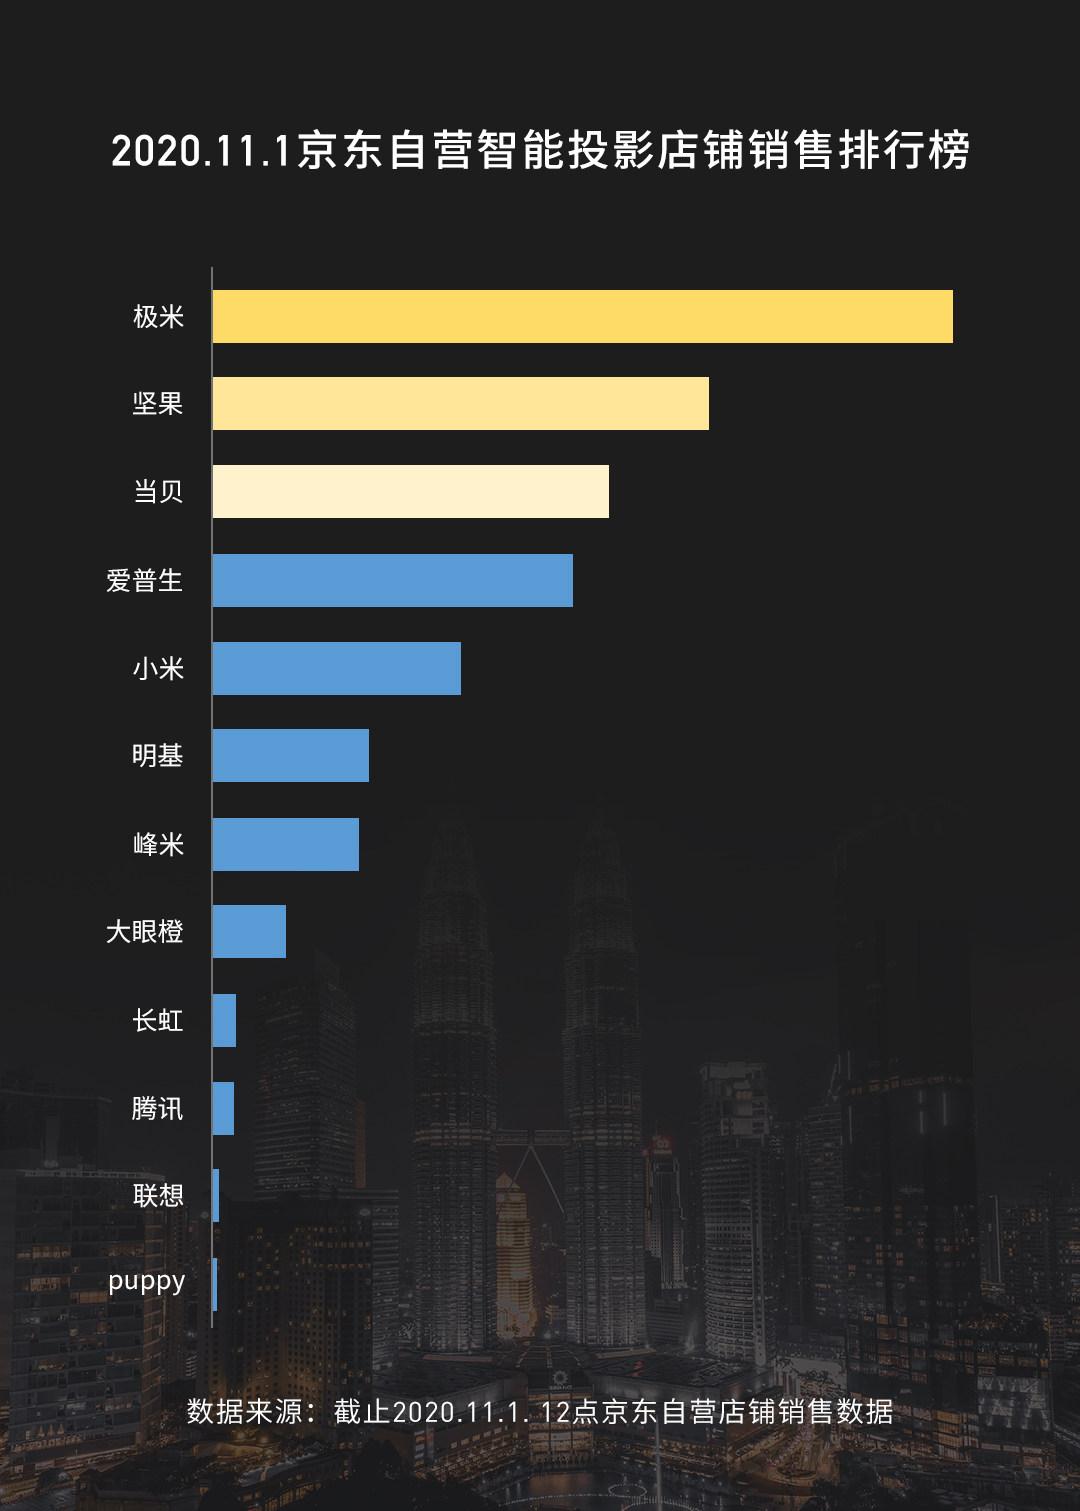 2020双十一智能投影销售排行榜:极米、坚果、当贝三足鼎立